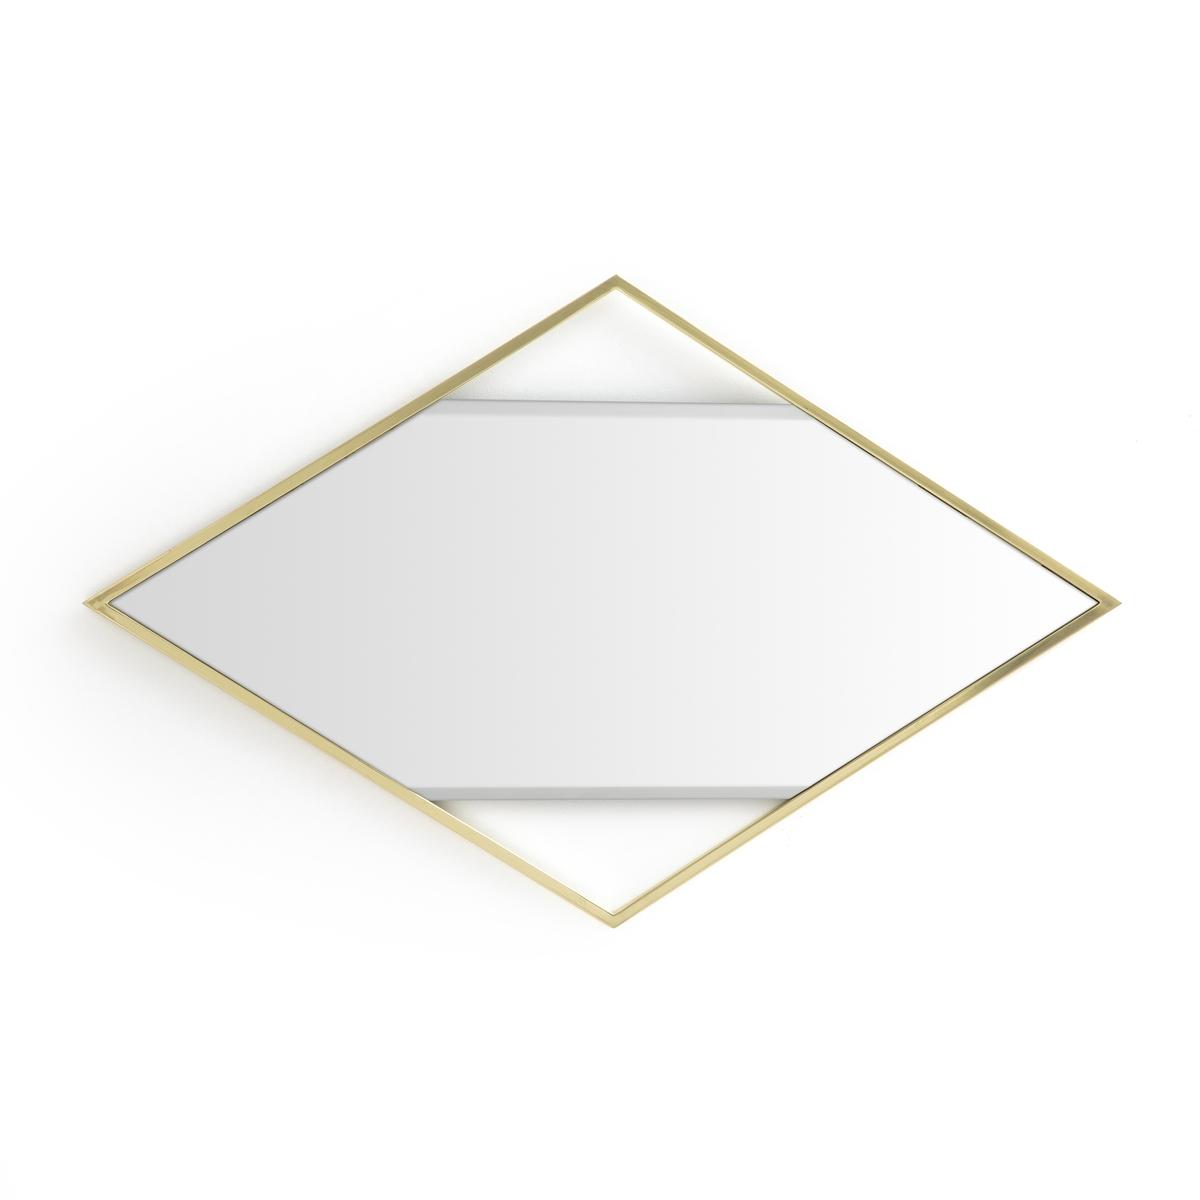 Зеркало в форме ромба из латуни REFLETУтонченное зеркало с латунным контуром Reflet оригинальной ромбовидной формы всегда в моде .Характеристики зеркала Reflet :Каркас из металла с отделкой из латуни.2 крючка для крепления на стену (горизонтально или вертикально)- Шурупы и дюбели продаются отдельноРазмеры зеркала Reflet :Ш.50 x В.80 см<br><br>Цвет: латунь